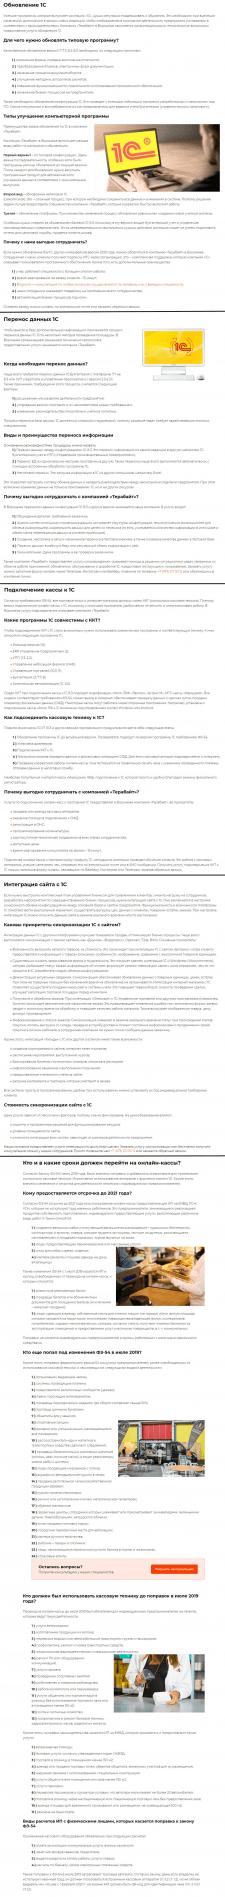 ИТ/ФИНАНСЫ | Интеграция решений 1С